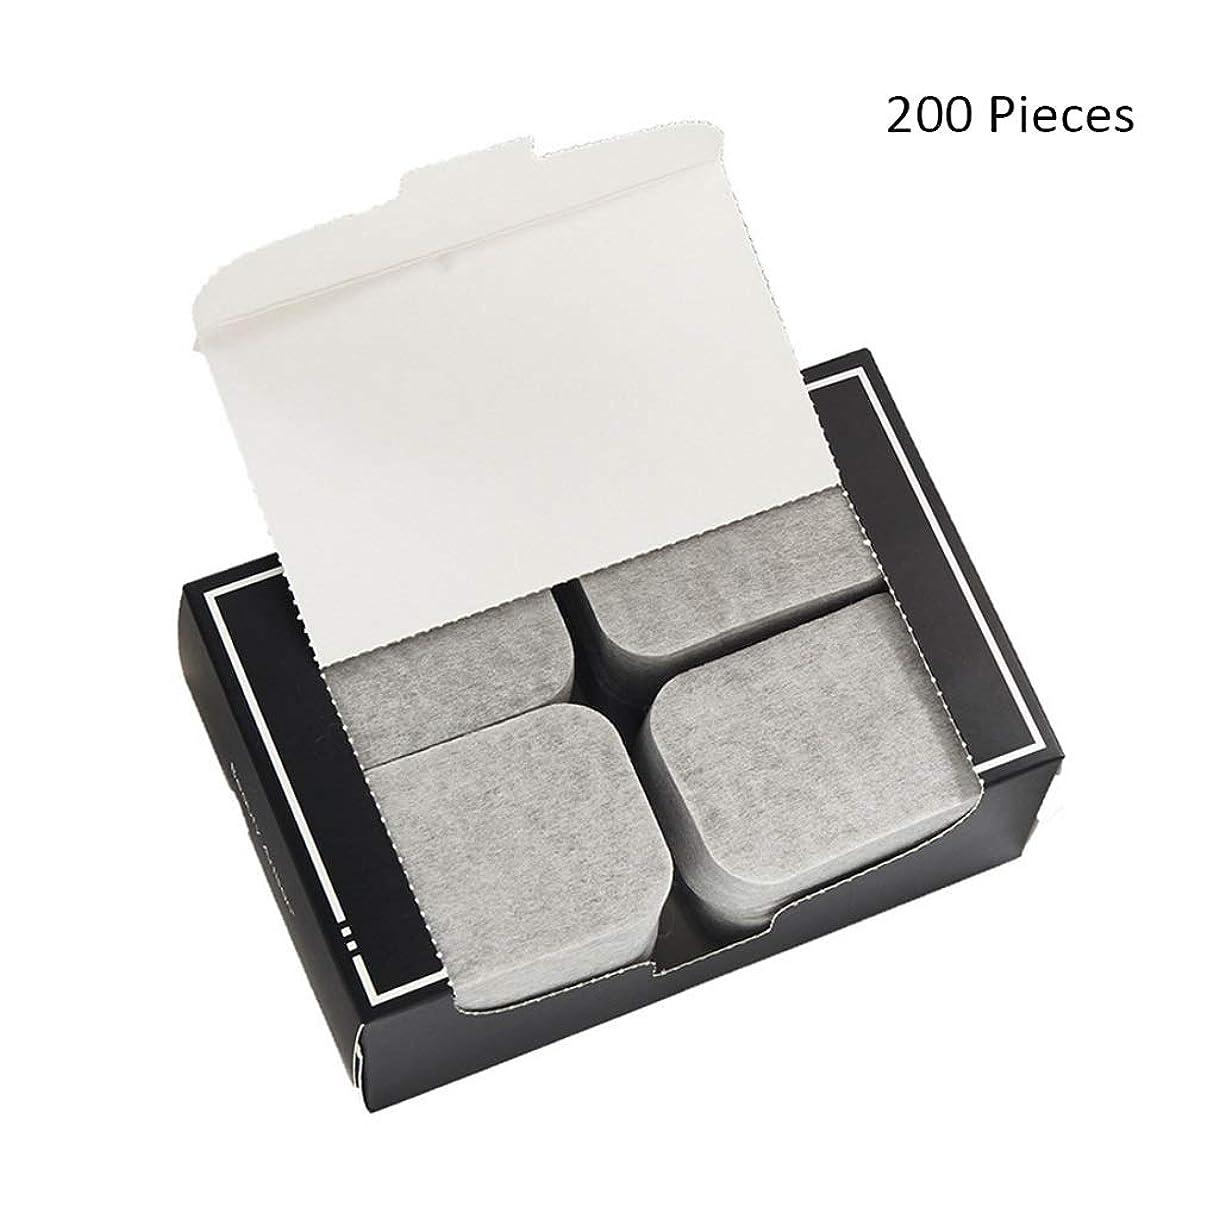 十分キリマンジャロ郵便200ピース/パックフェイスメイクアップリムーバー竹炭ポータブルコットンパッドソフトクレンジングメイクピュア両面リムーバーコットン (Color : Gray, サイズ : 7*5cm)